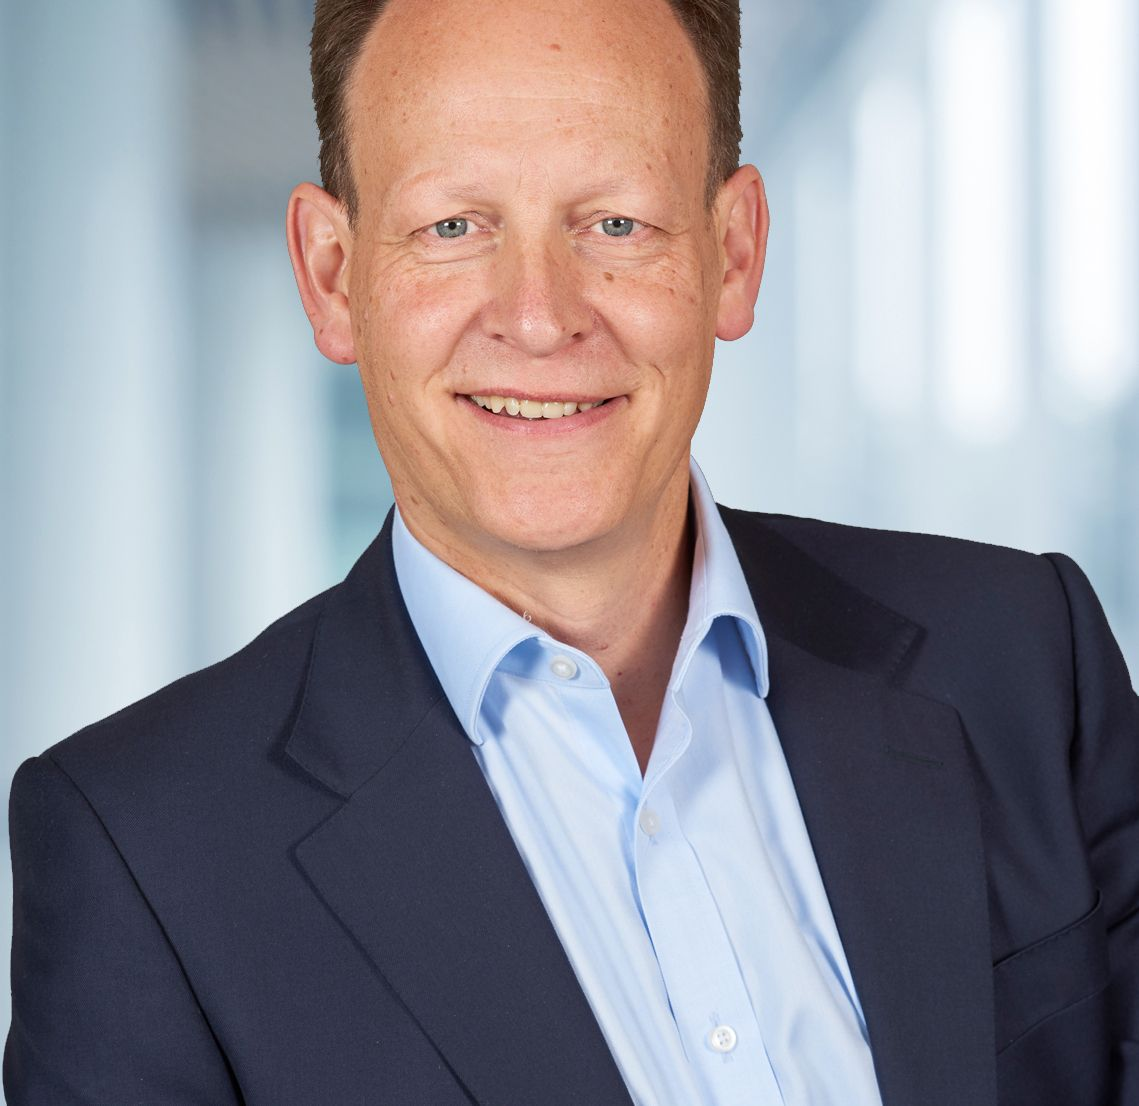 Riverbed nombra a Mark Jopling como Vicepresidente Senior de Ventas para EMEA